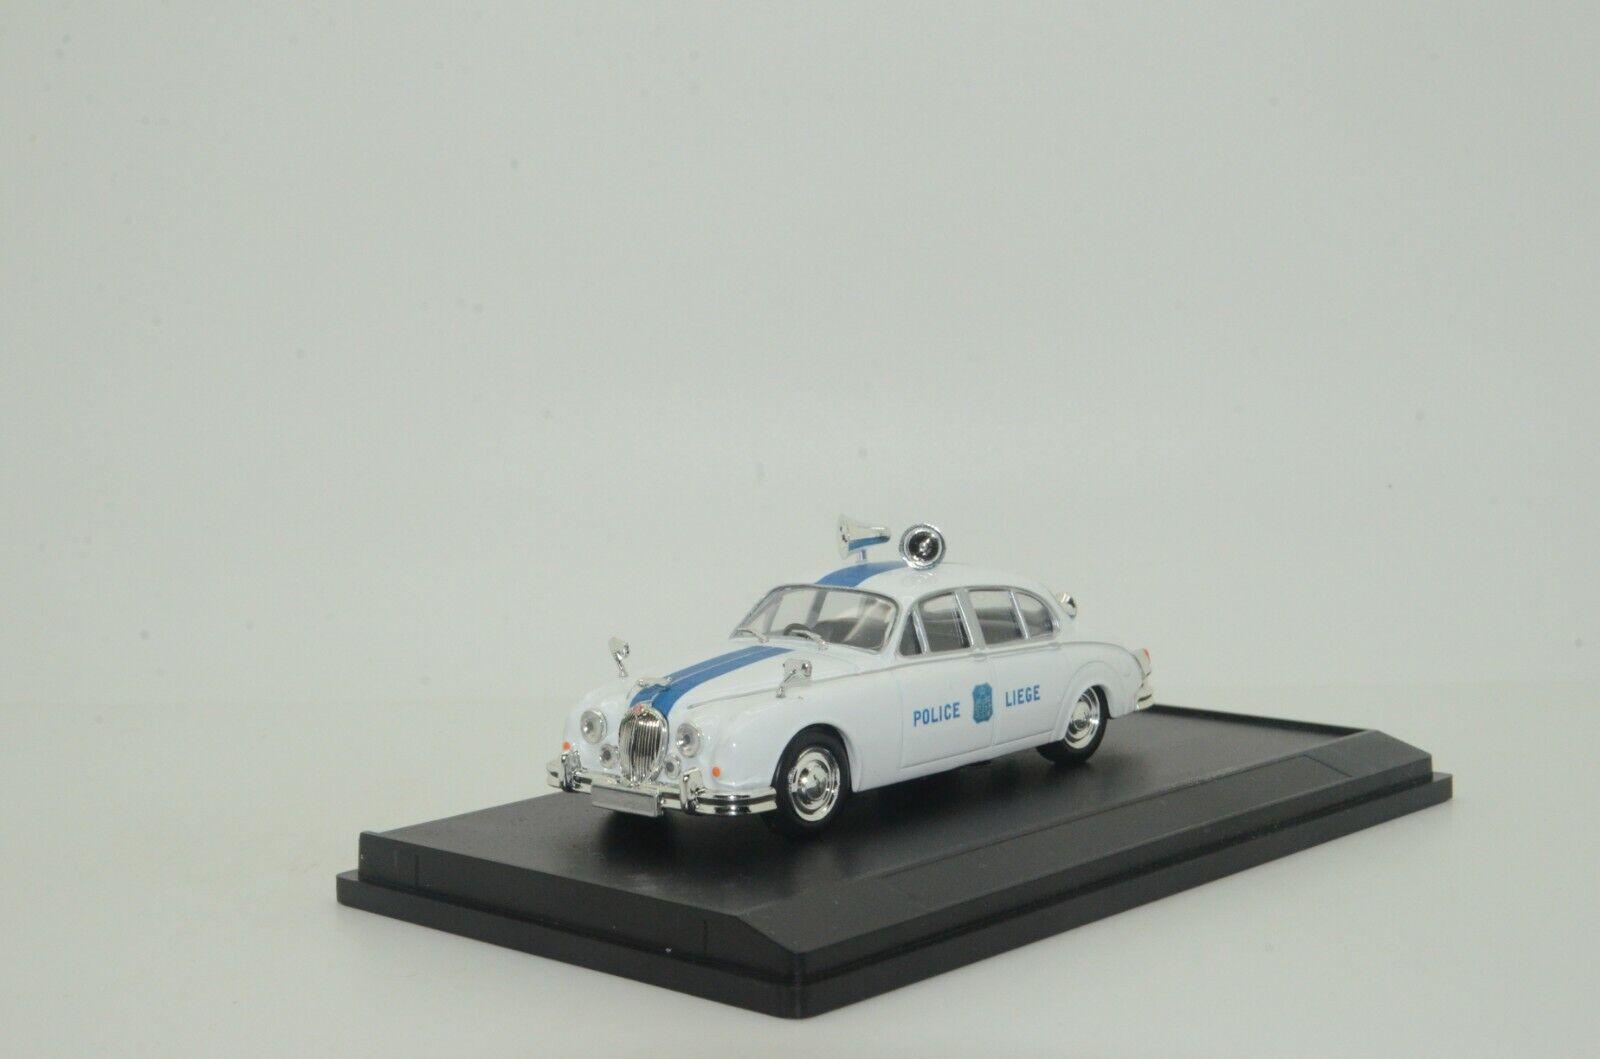 tienda hace compras y ventas   Raro  Jaguar MK MK MK II POLICE Liege Bélgica Hecho a Medida 1 43  barato y de alta calidad